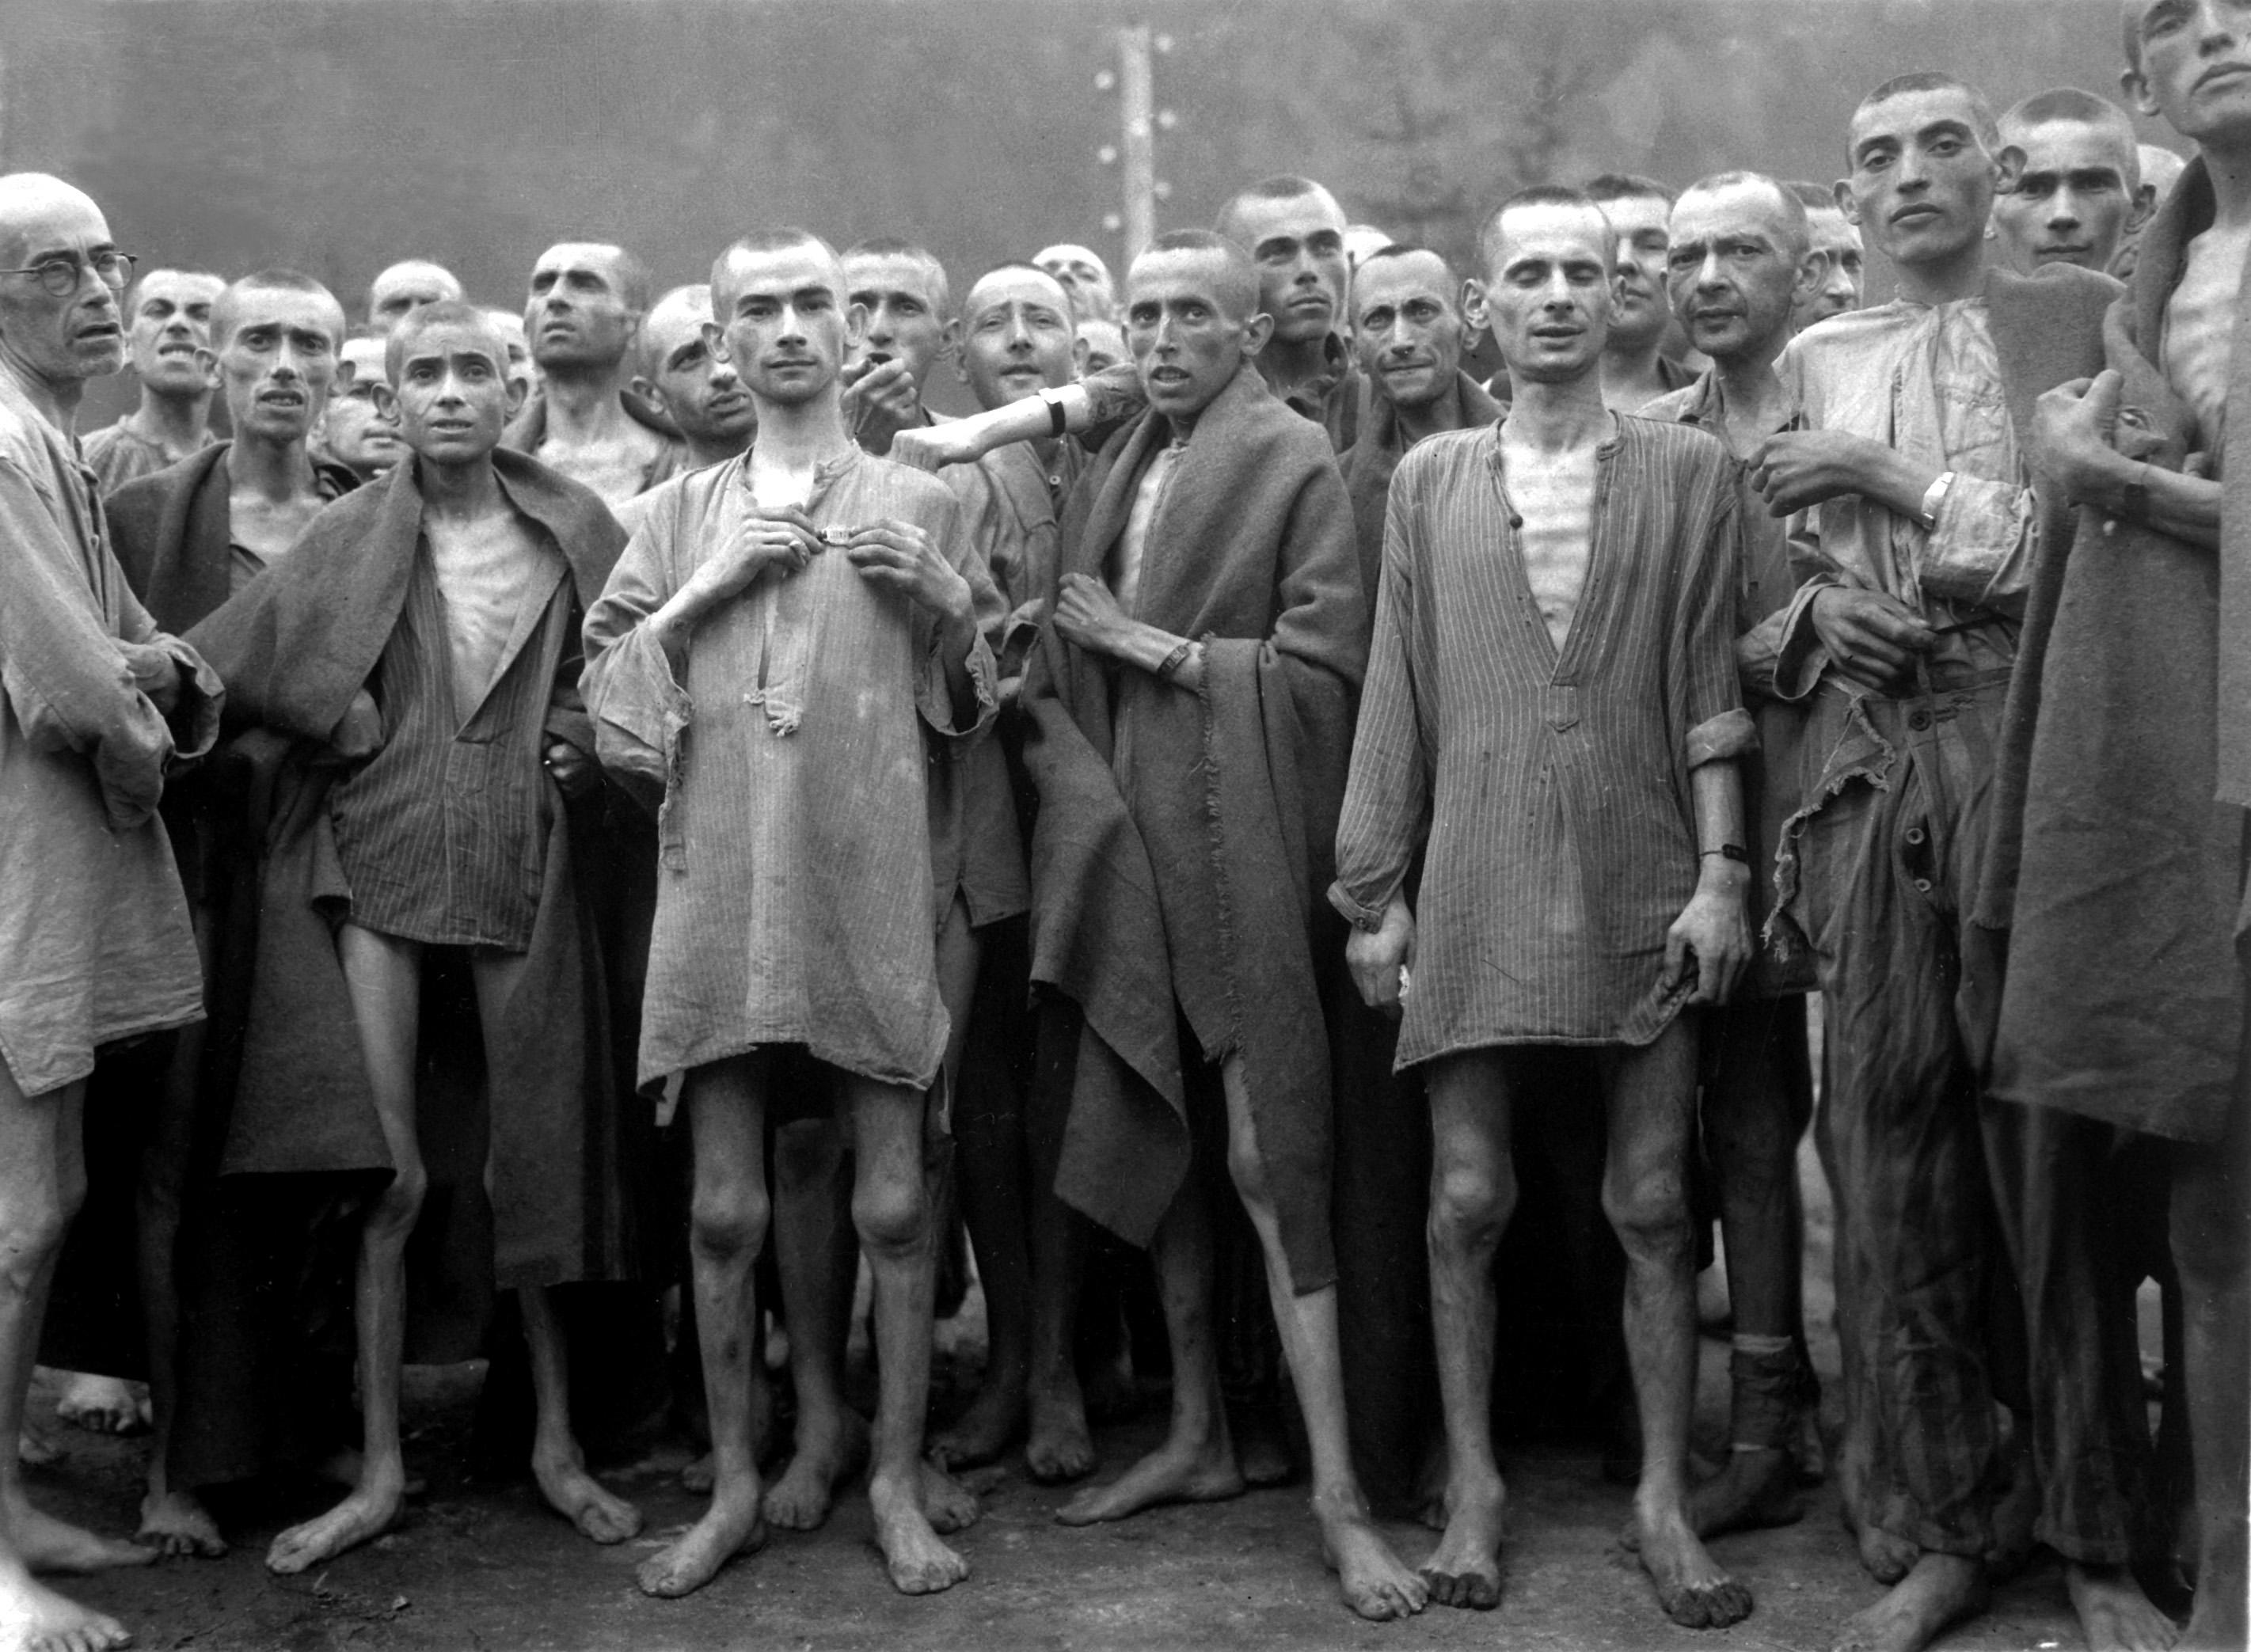 Starved prisoners in Mauthaund